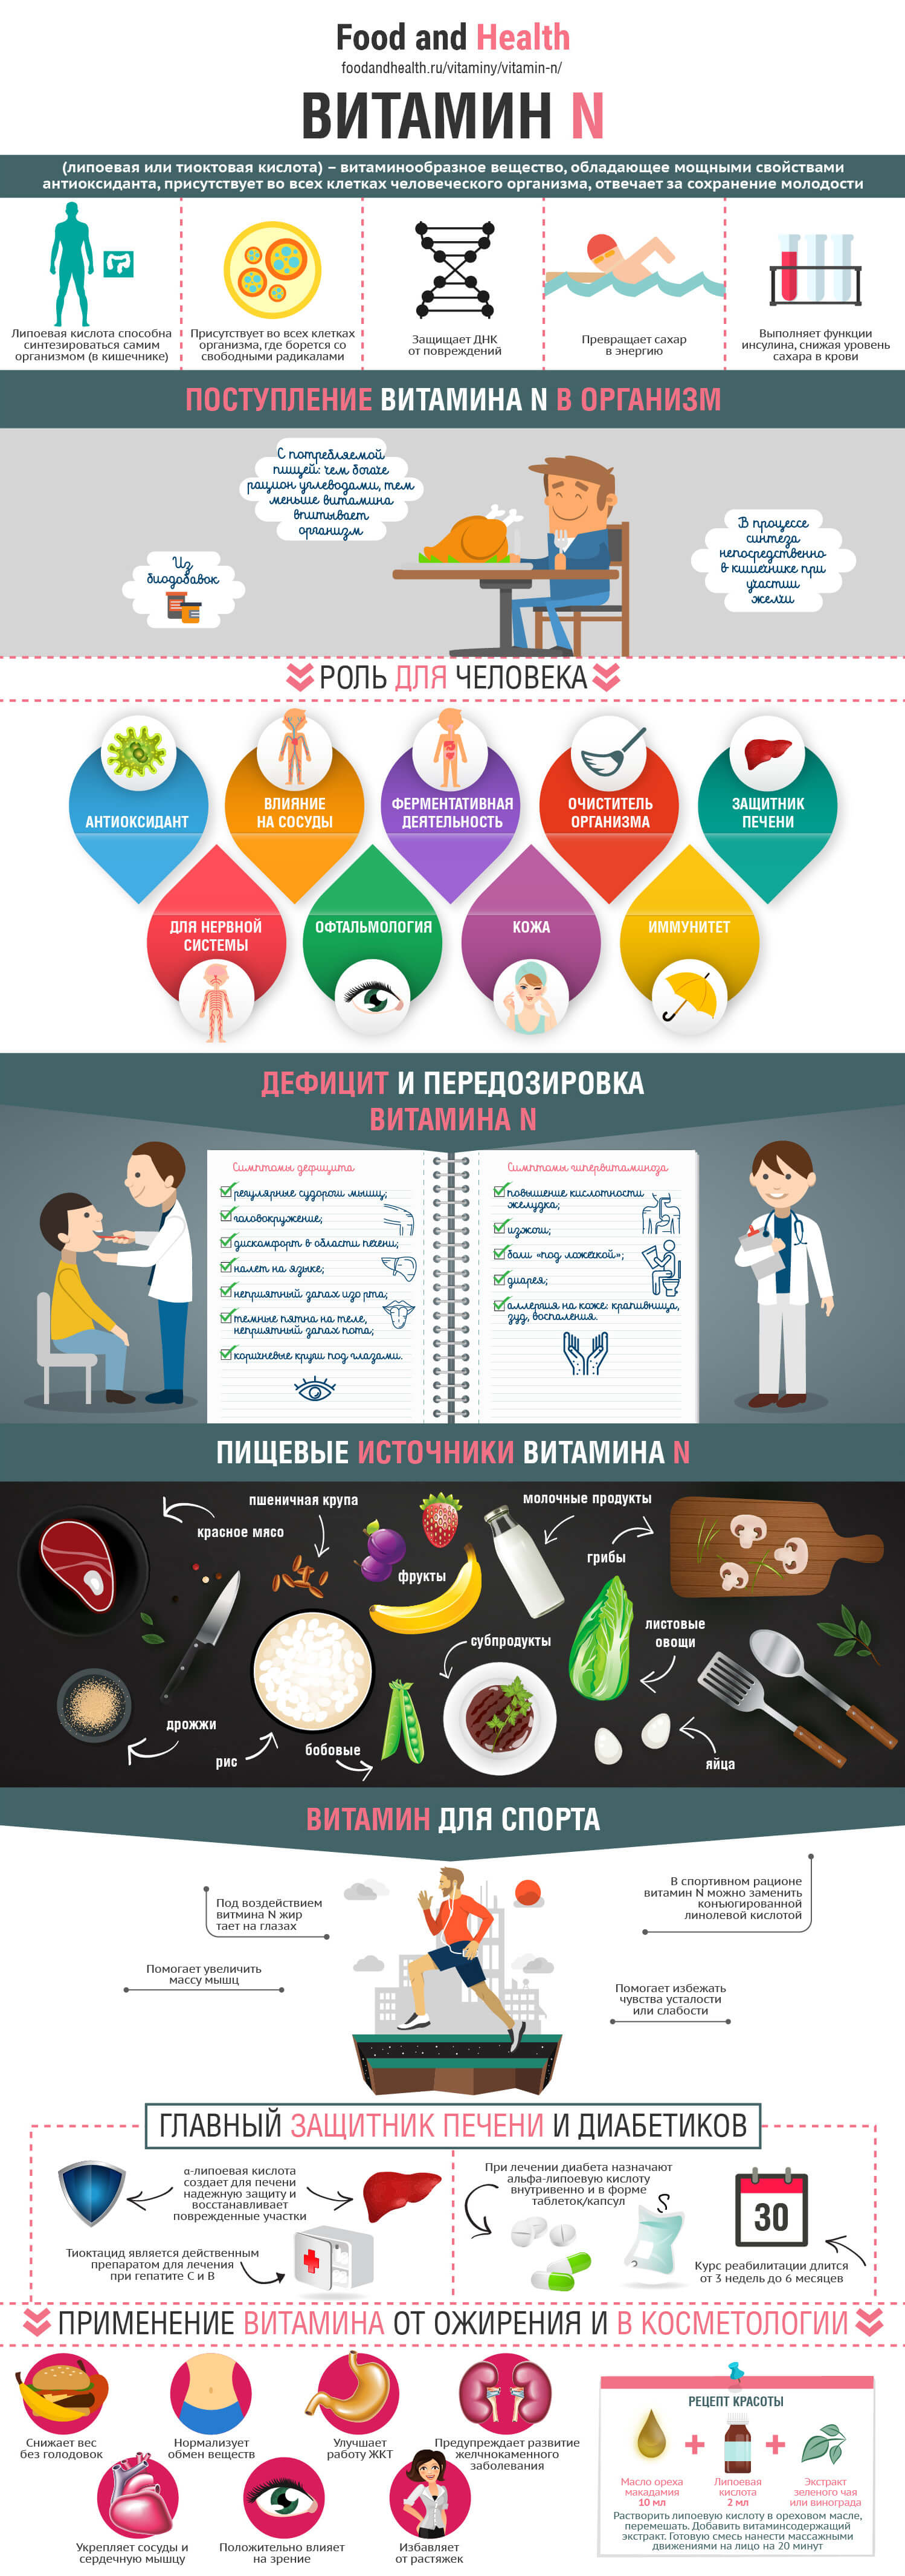 Продукты питания богатые витамином n